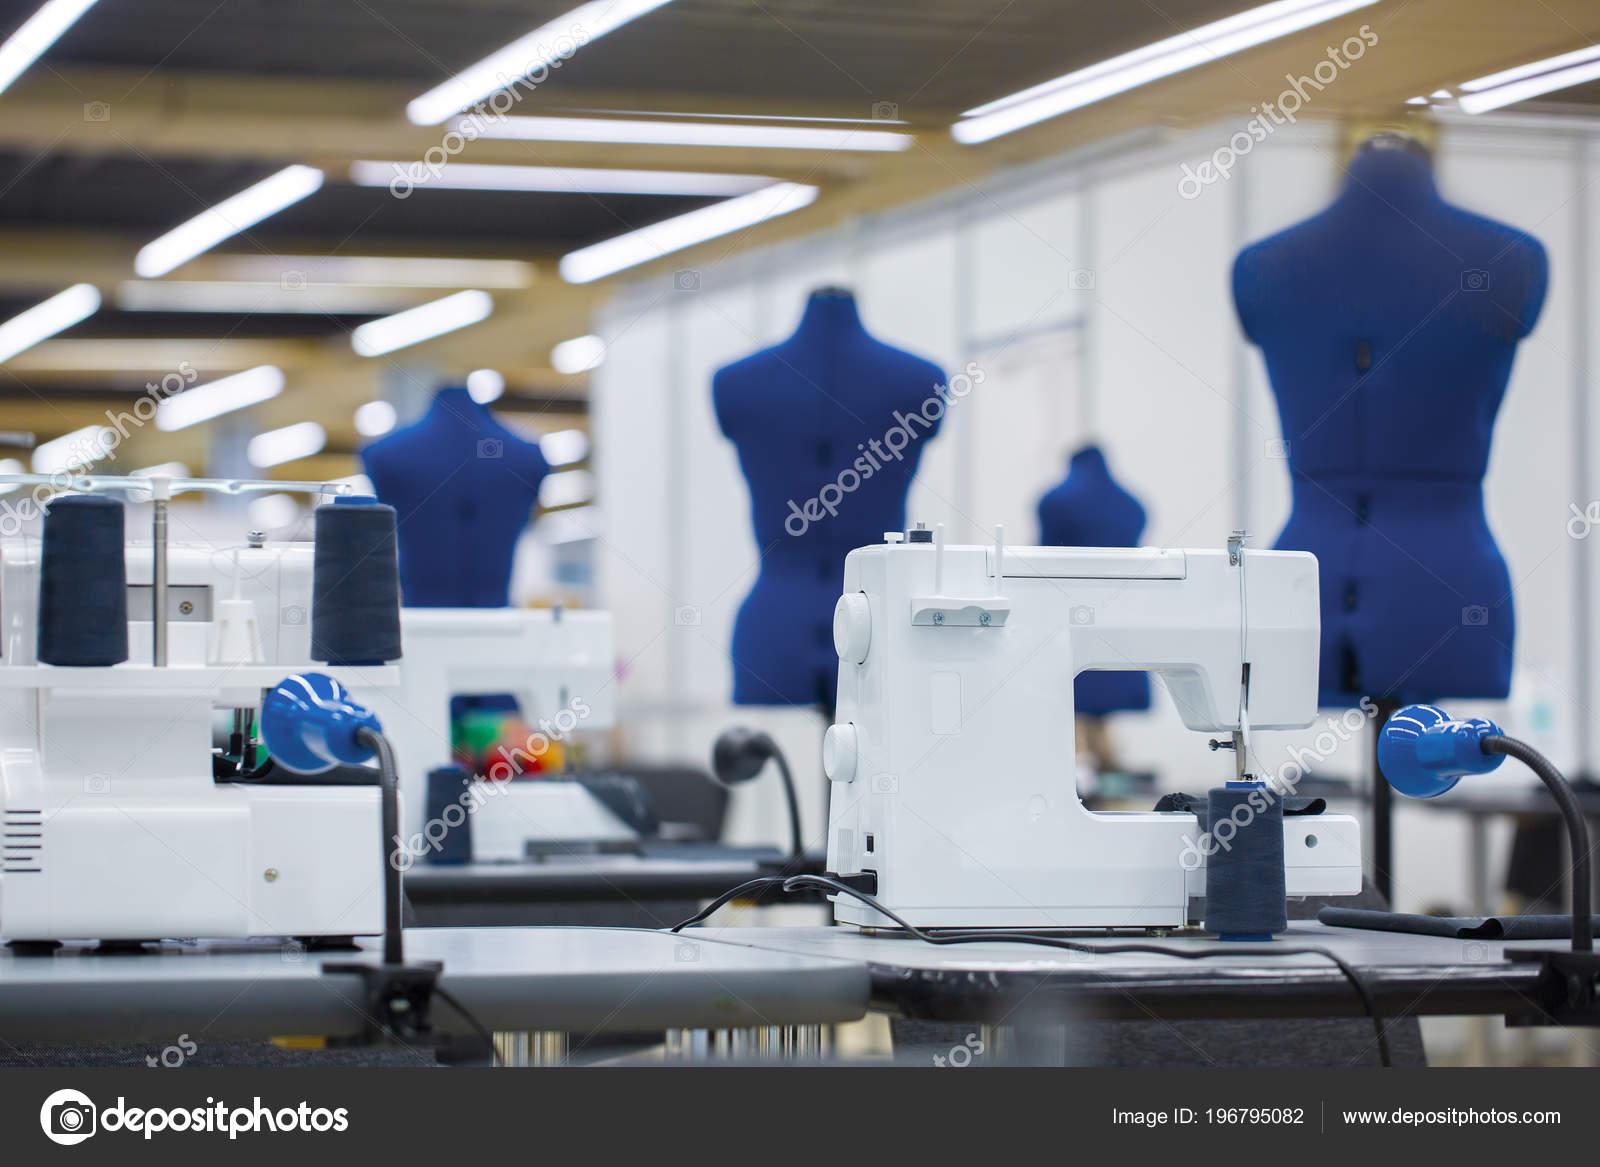 ac77d9e35 Интерьер швейной фабрики. Закрывает, делая ателье с нескольких швейных  машин. Пошив одежды промышленности, моды дизайнер мастерской, ...